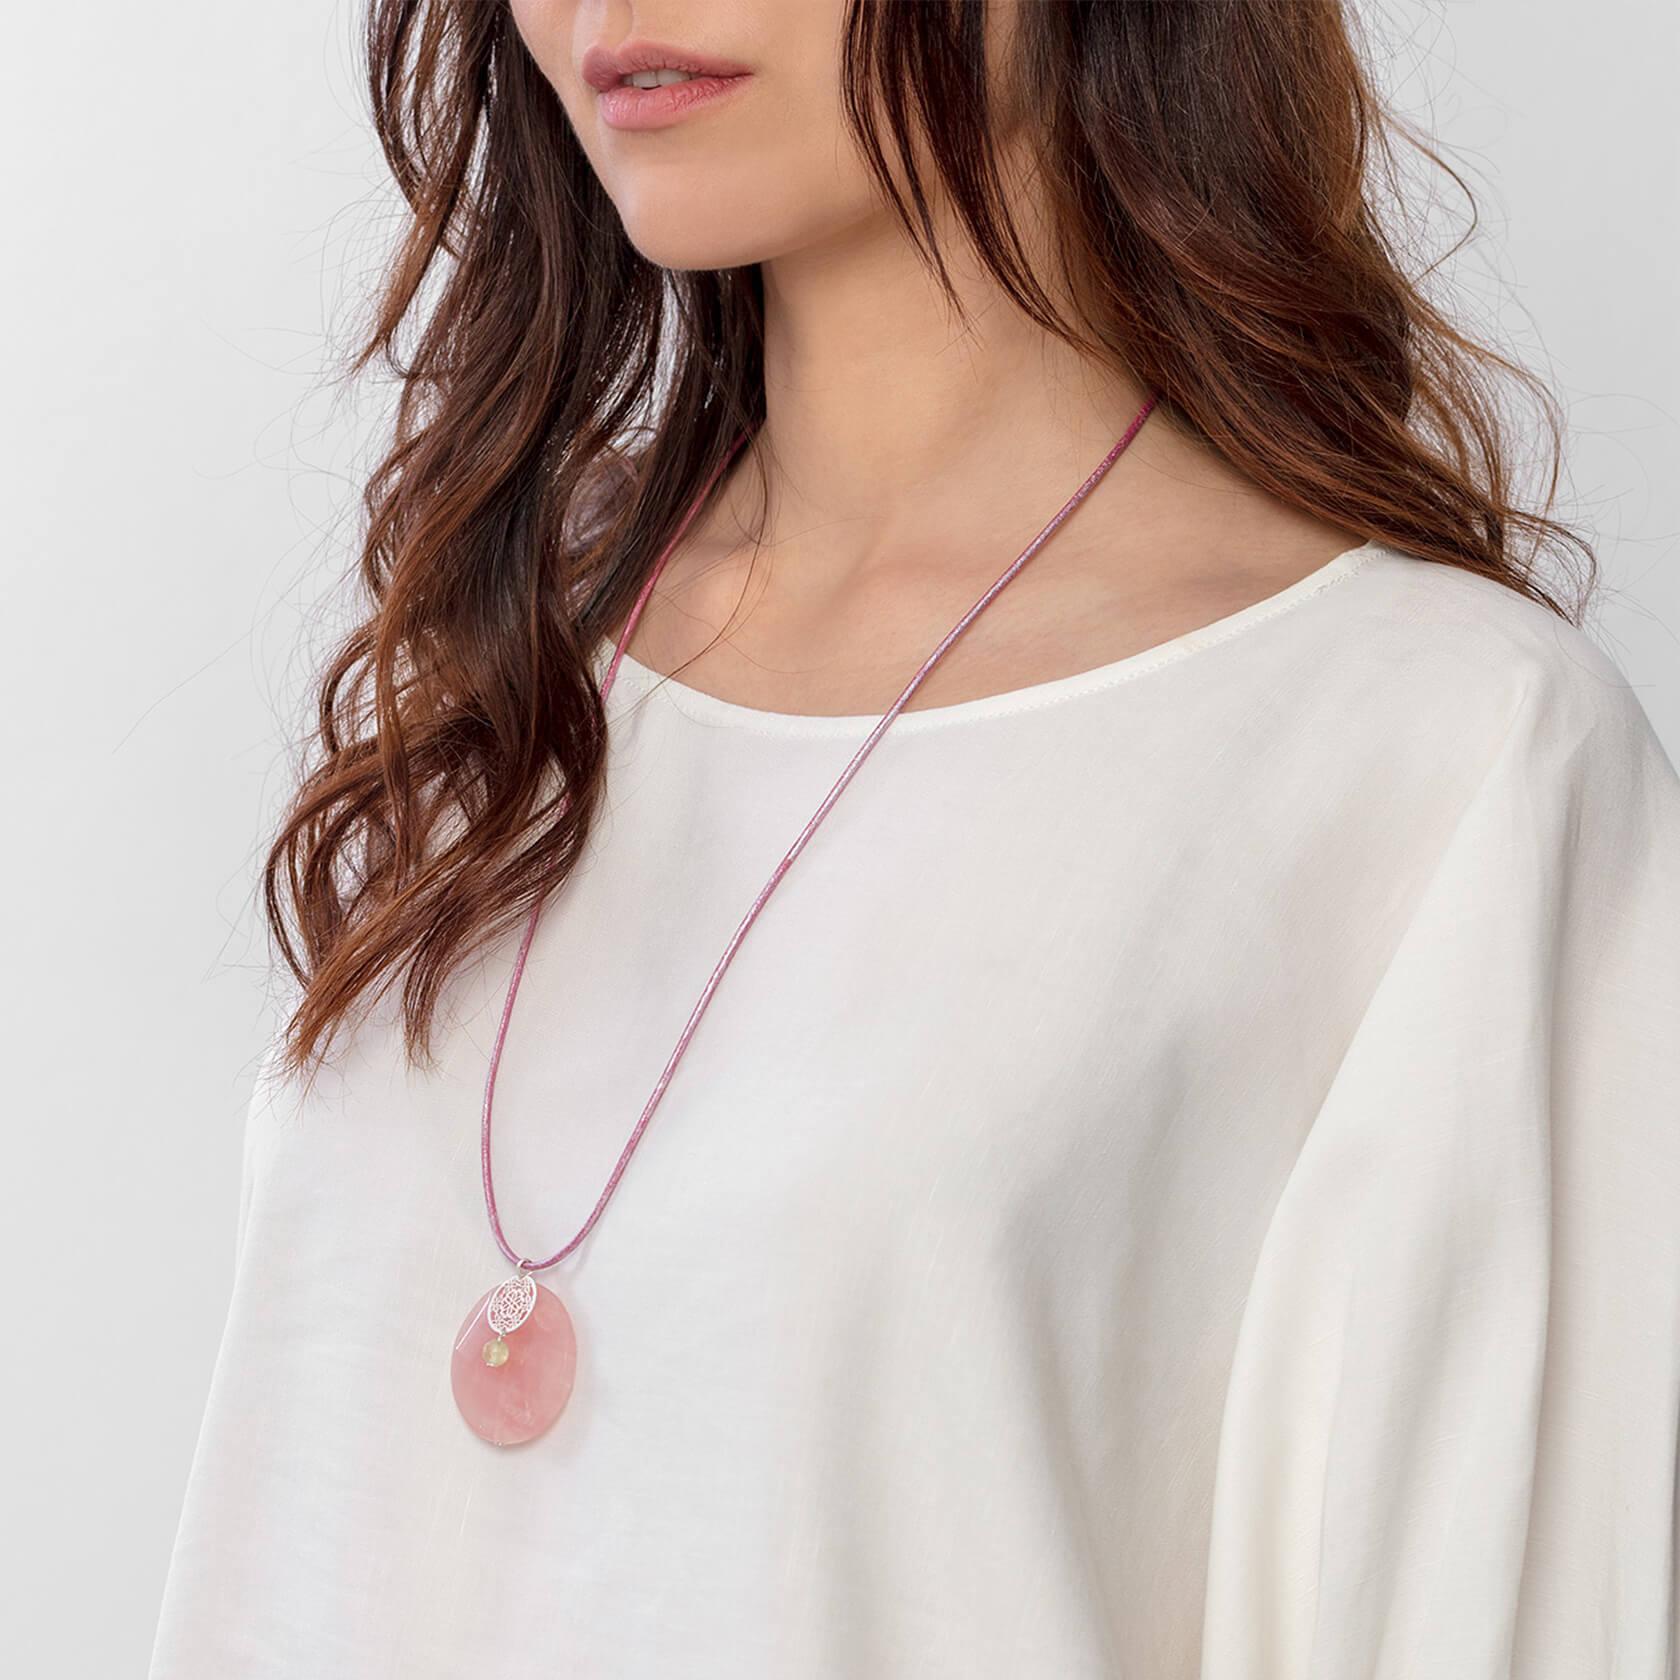 Sakura rose quartz pendant